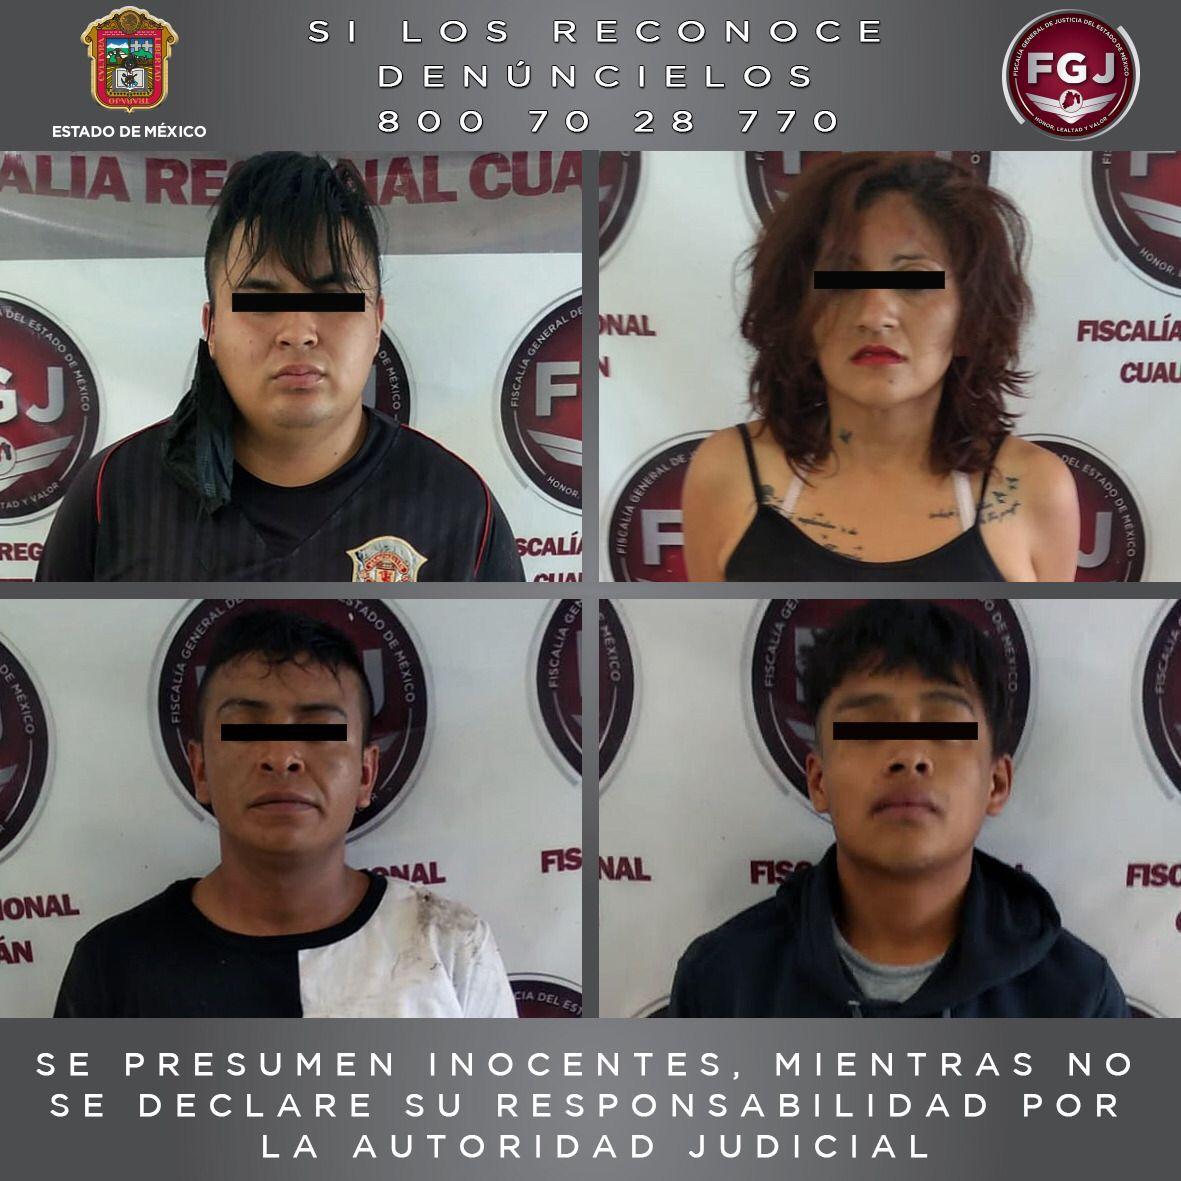 Procesan a cuatro personas por un asalto a transporte público en Cuautitlán Izcalli